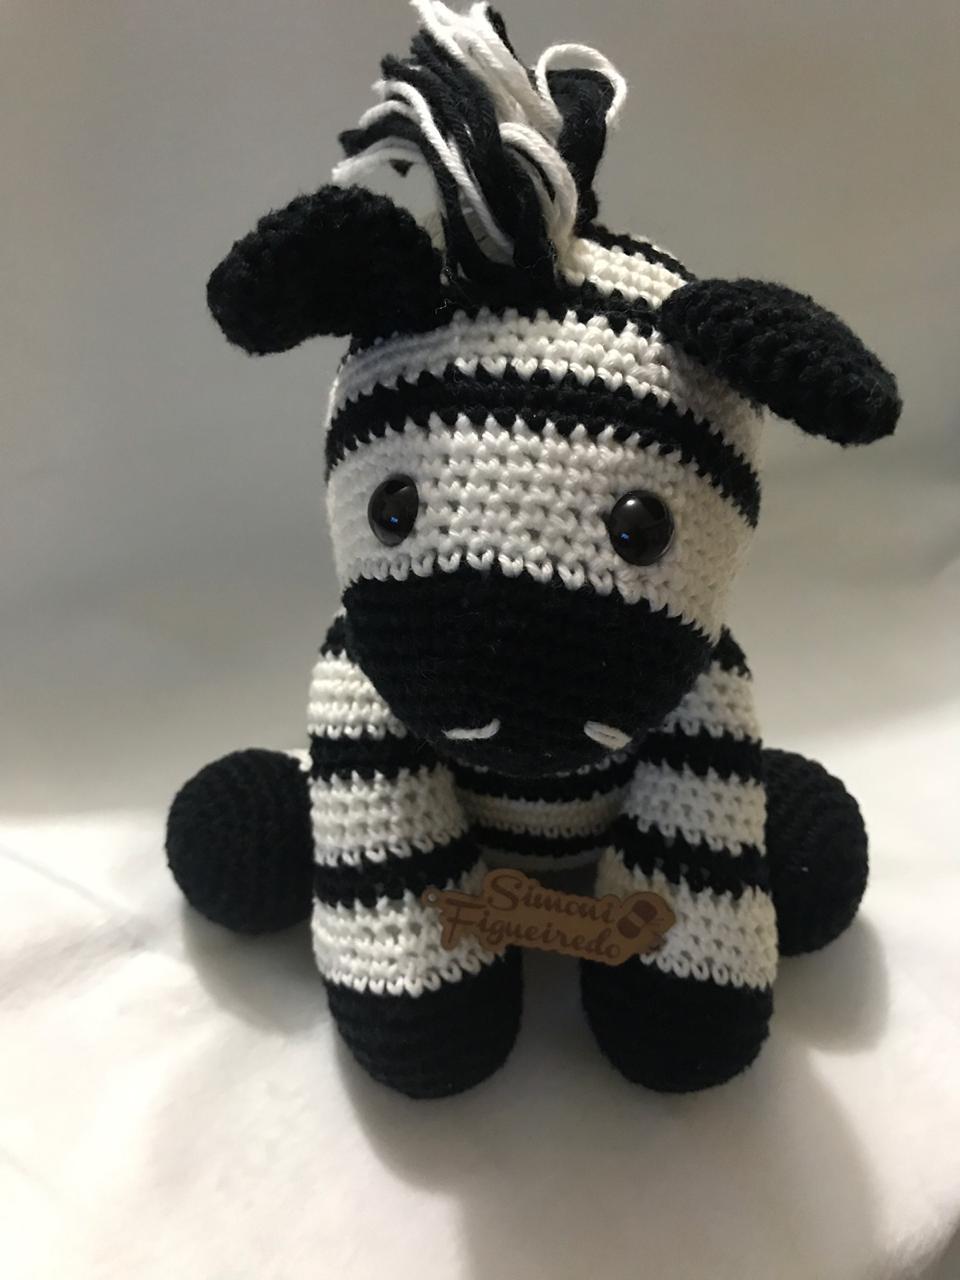 Zebra Amigurumi Uncinetto Tutorial 🦓 Zebra Crochet - Cebra ... | 1280x960